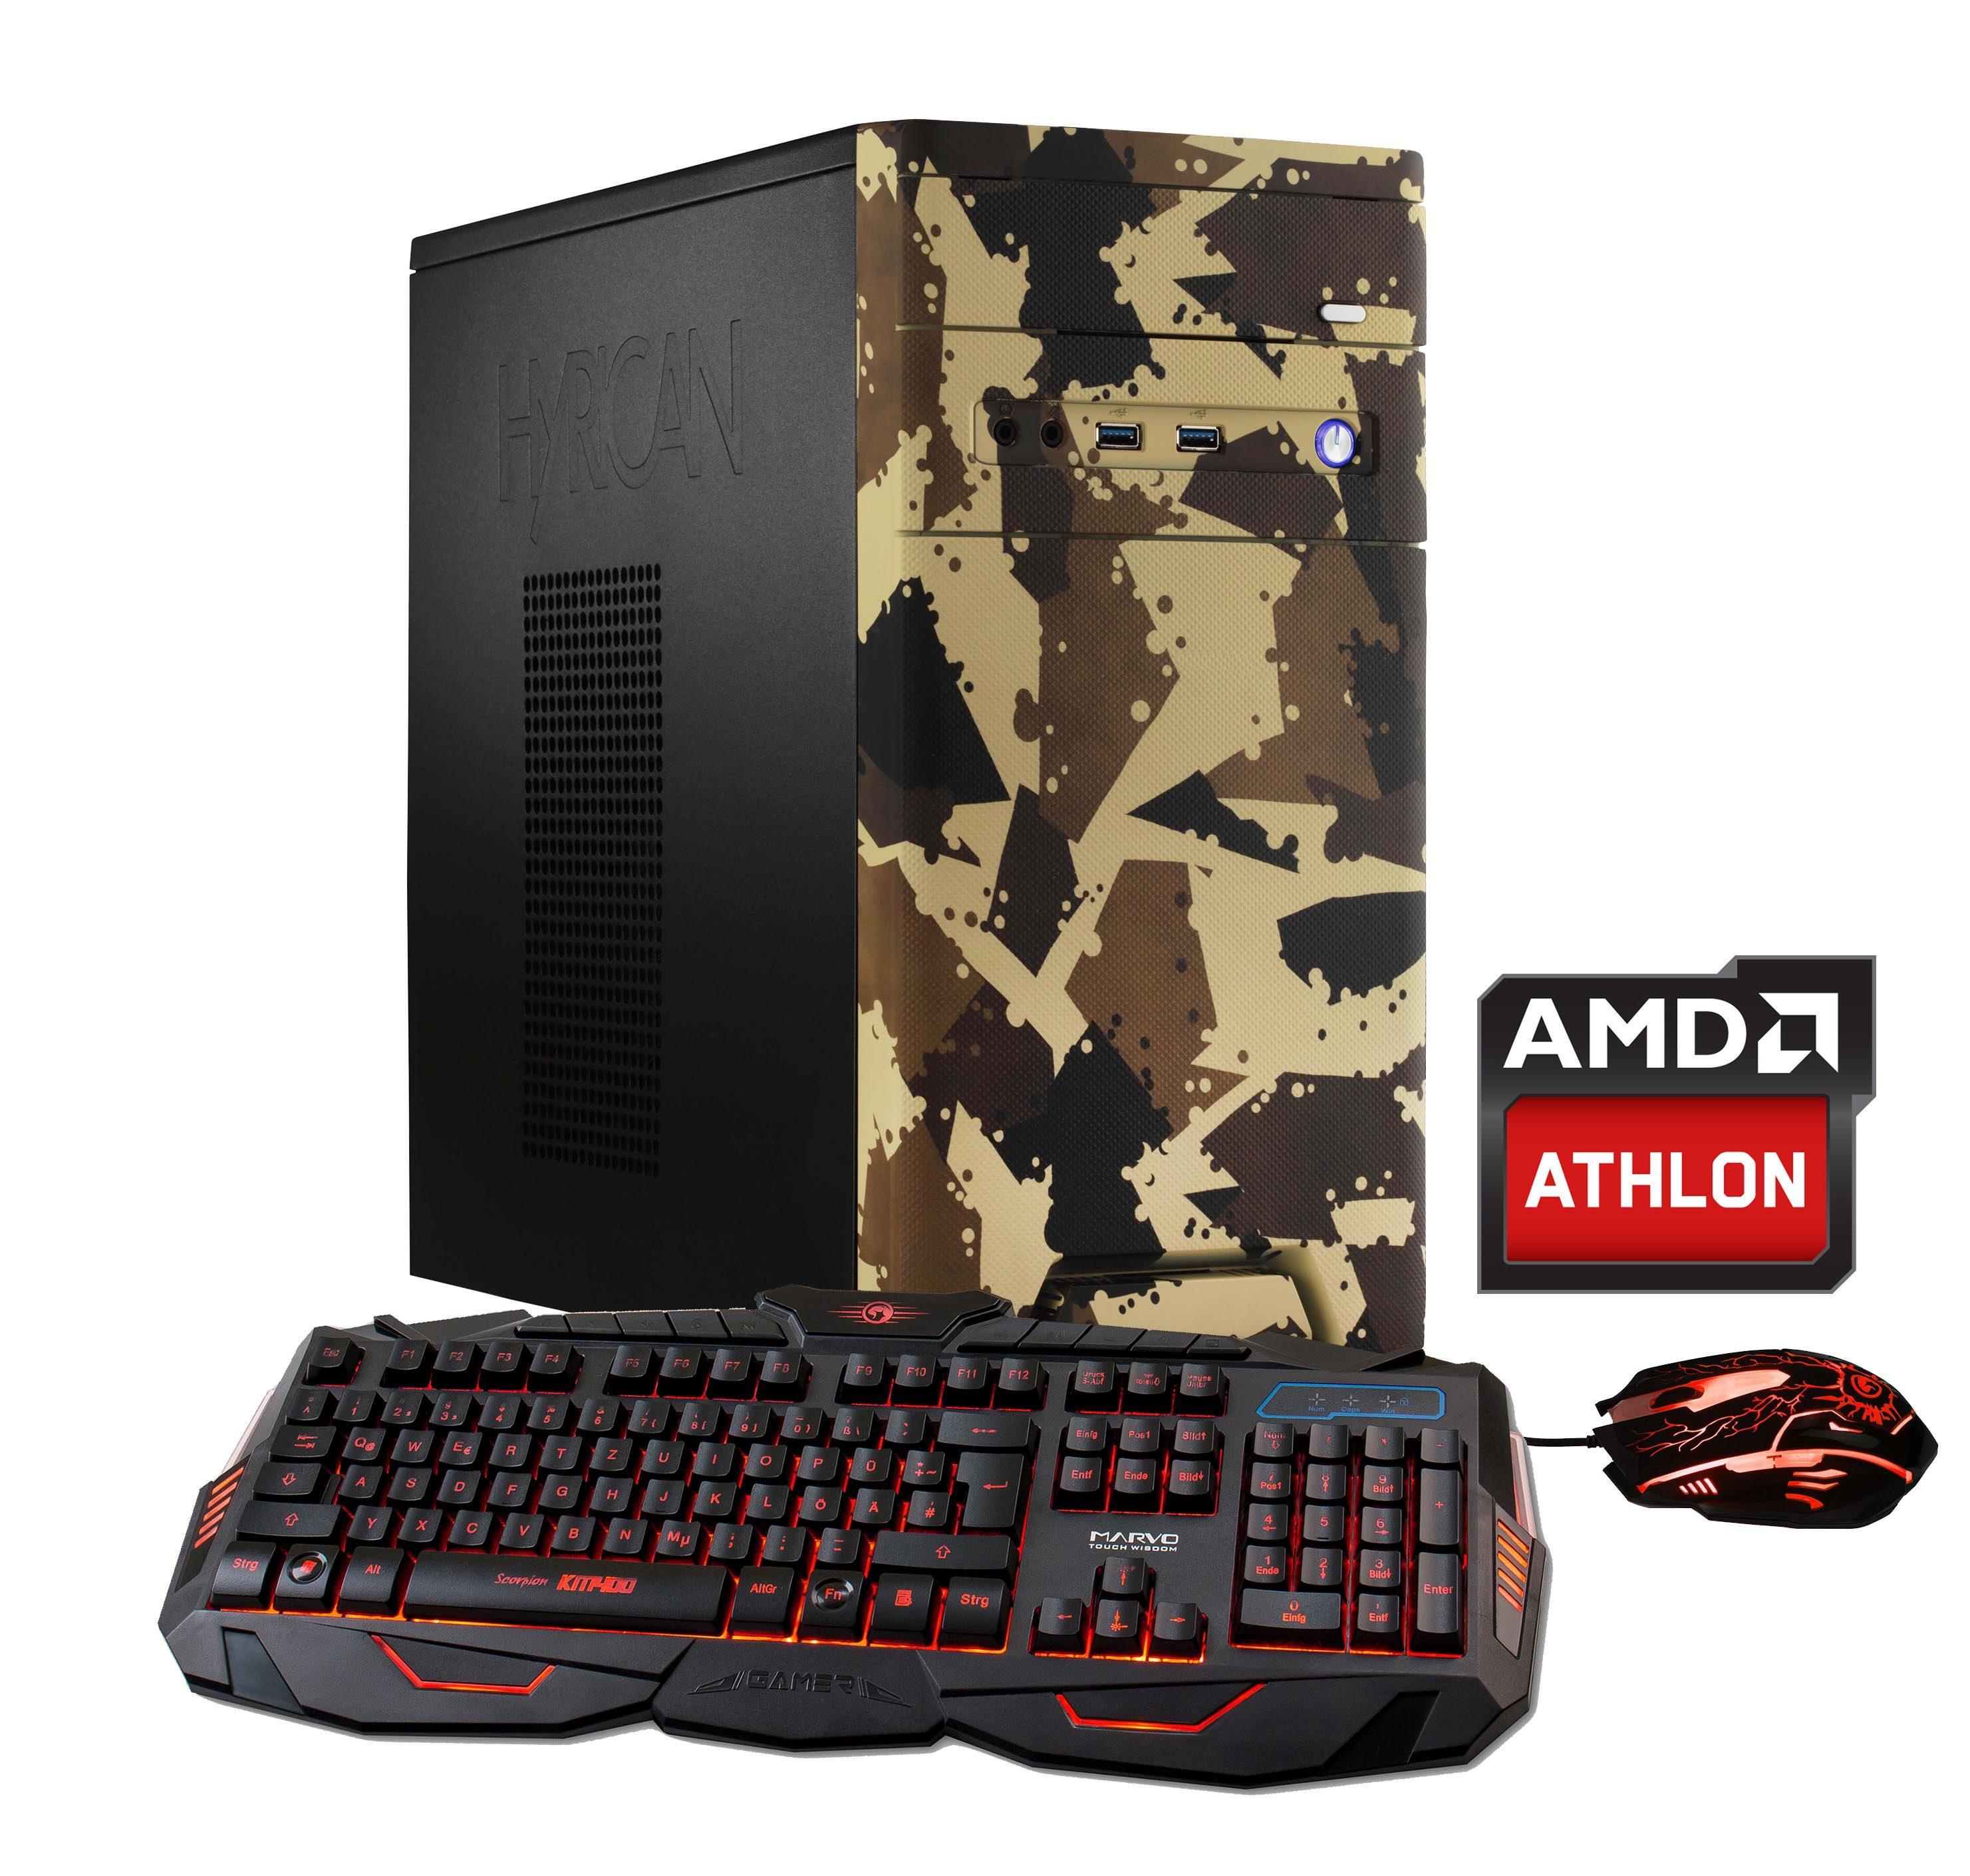 Hyrican CyberGamer Athlon X4 950 8GB RAM 120GB 1TB GeForce® GTX 1050Ti »Cyber Gamer 5709«